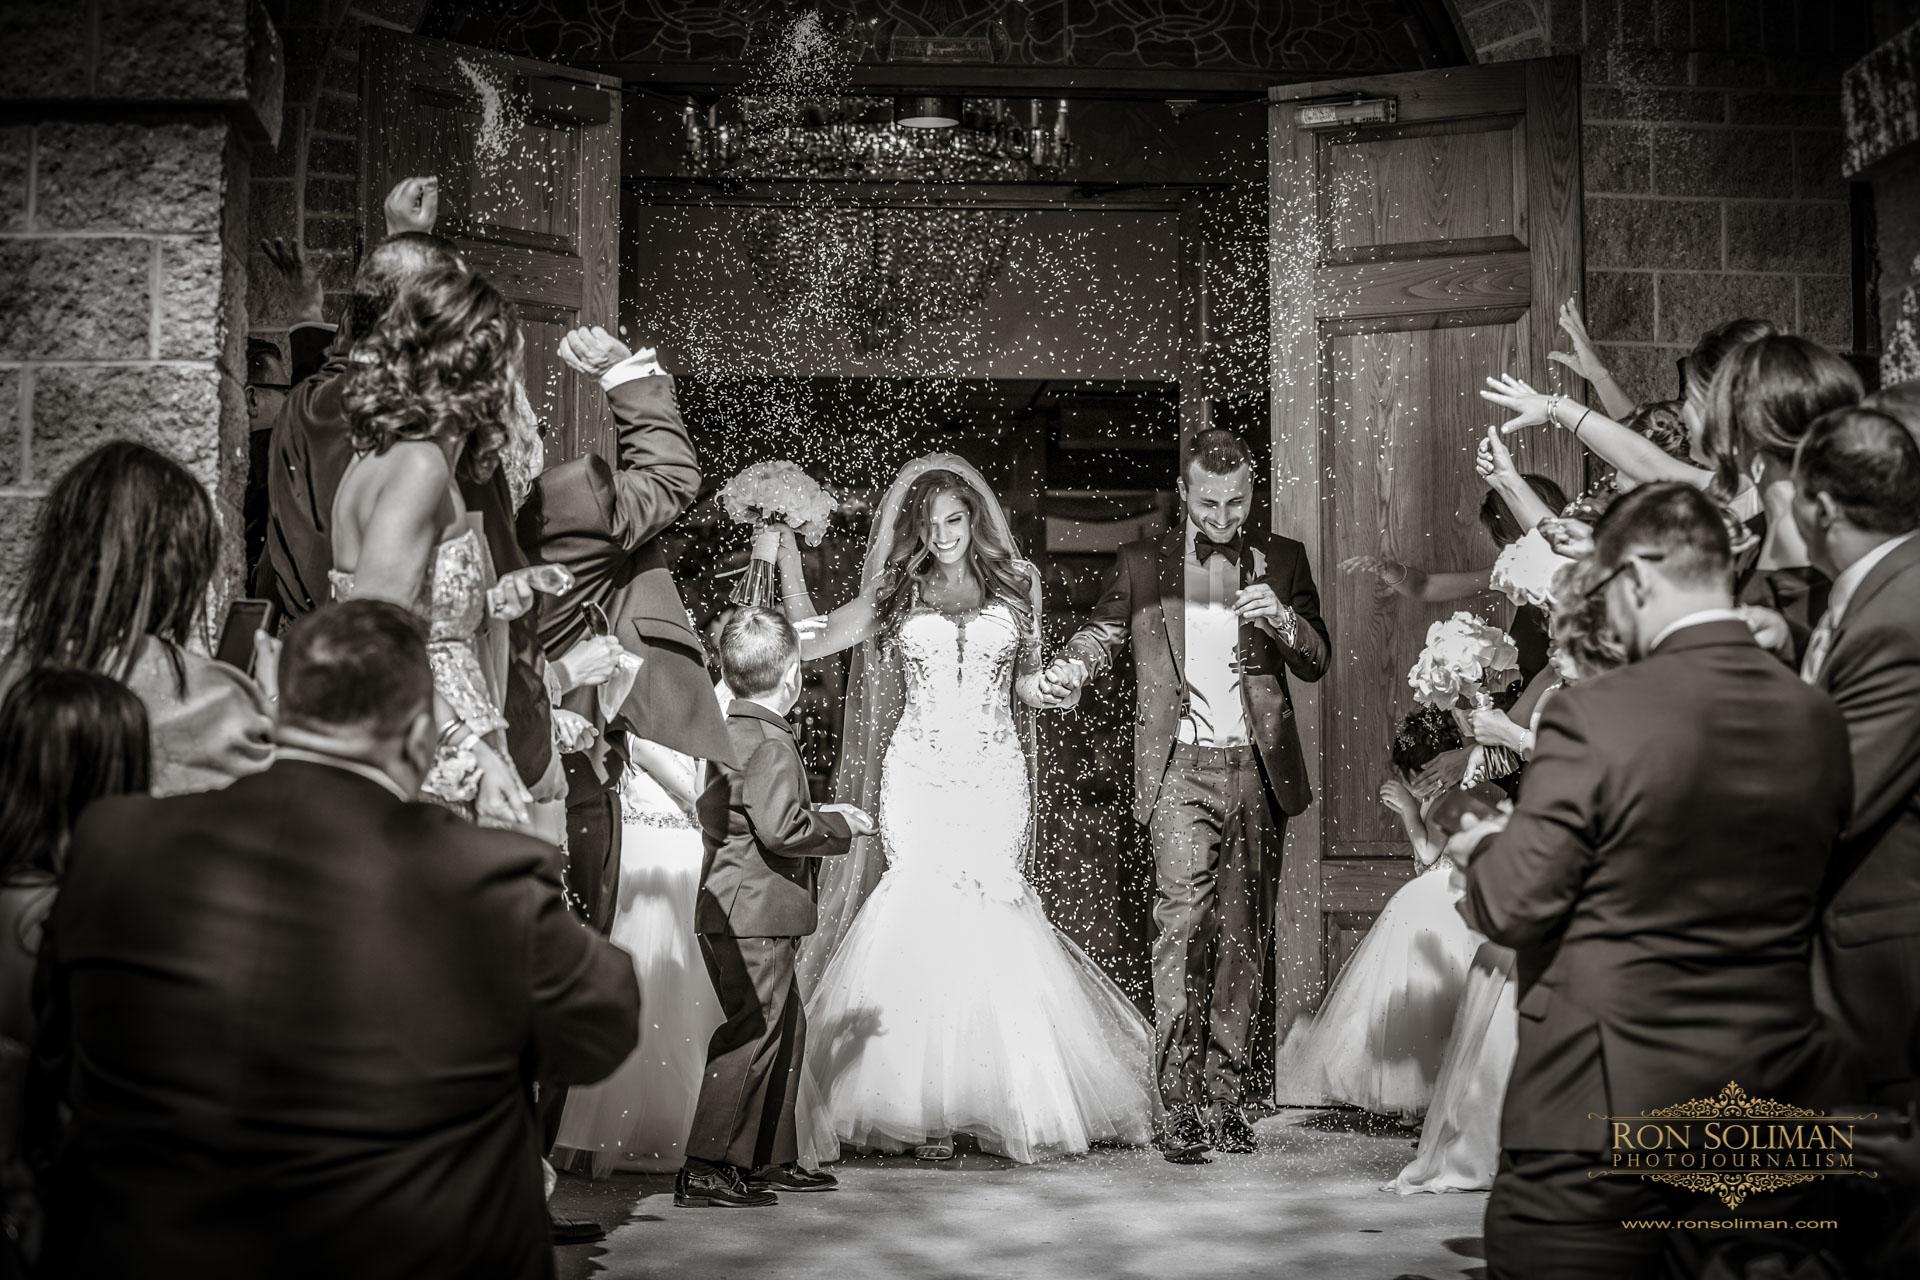 BALLROOM AT THE BEN WEDDING AG 24